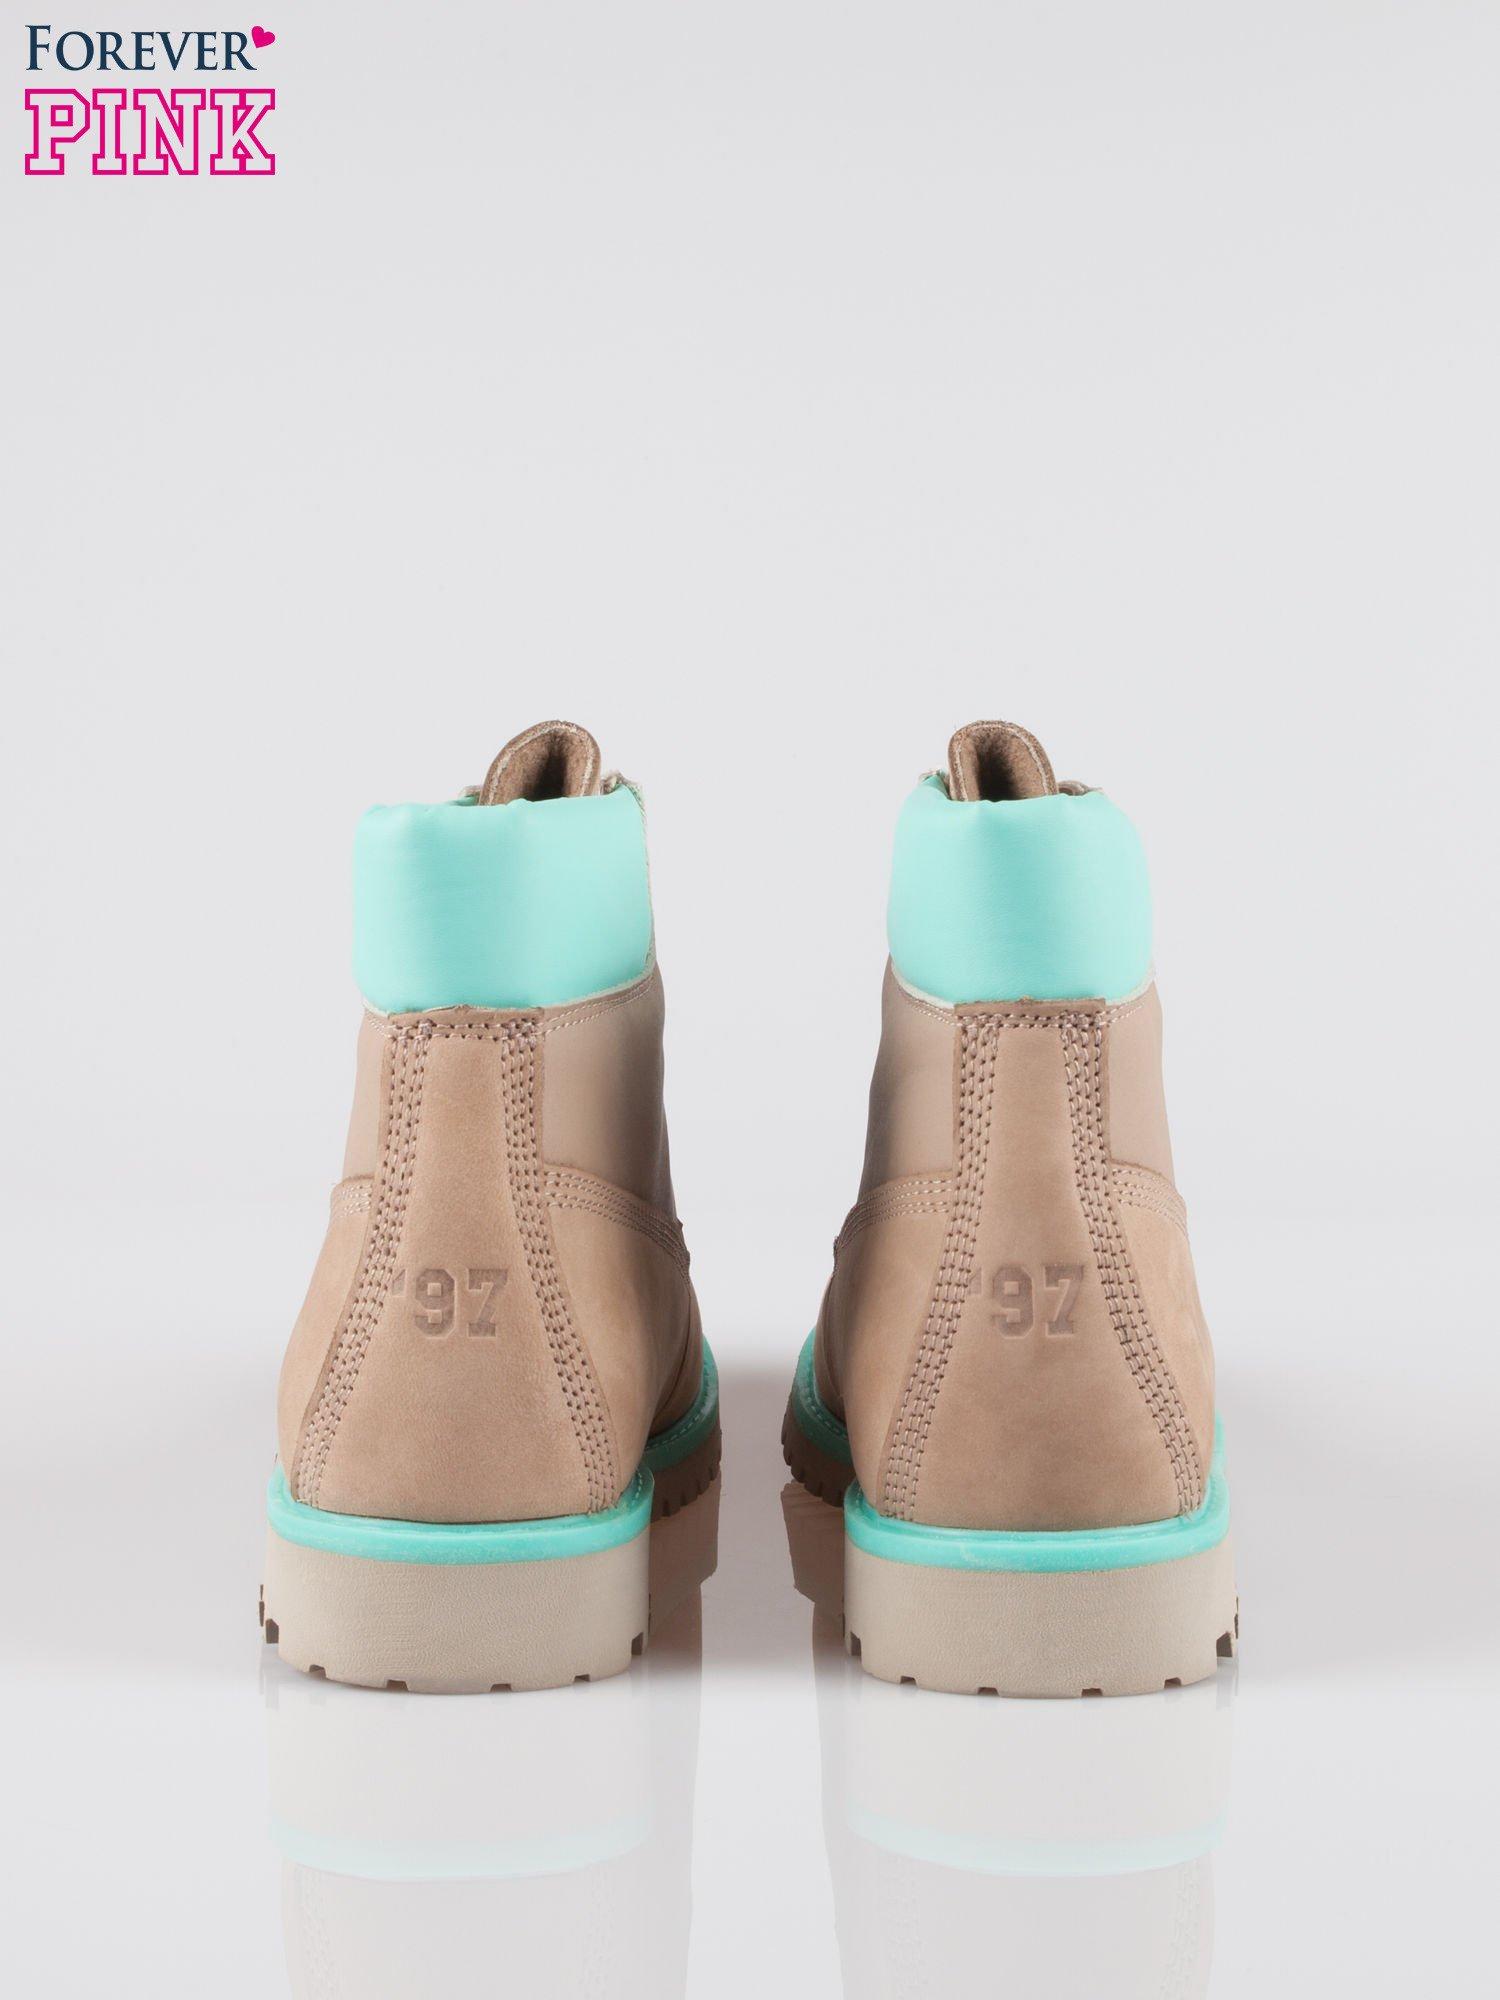 Szare buty trekkingowe traperki damskie ze skóry naturalnej                                  zdj.                                  3